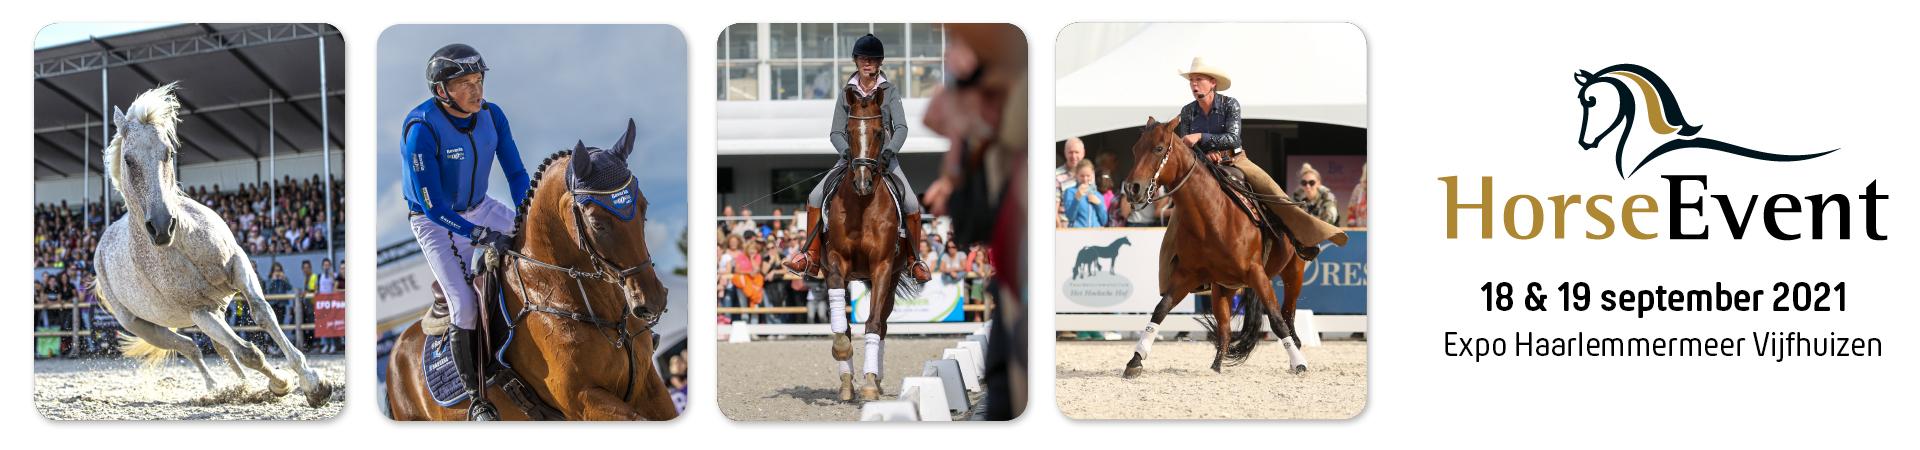 Horse Event 2021 online ticketverkoop